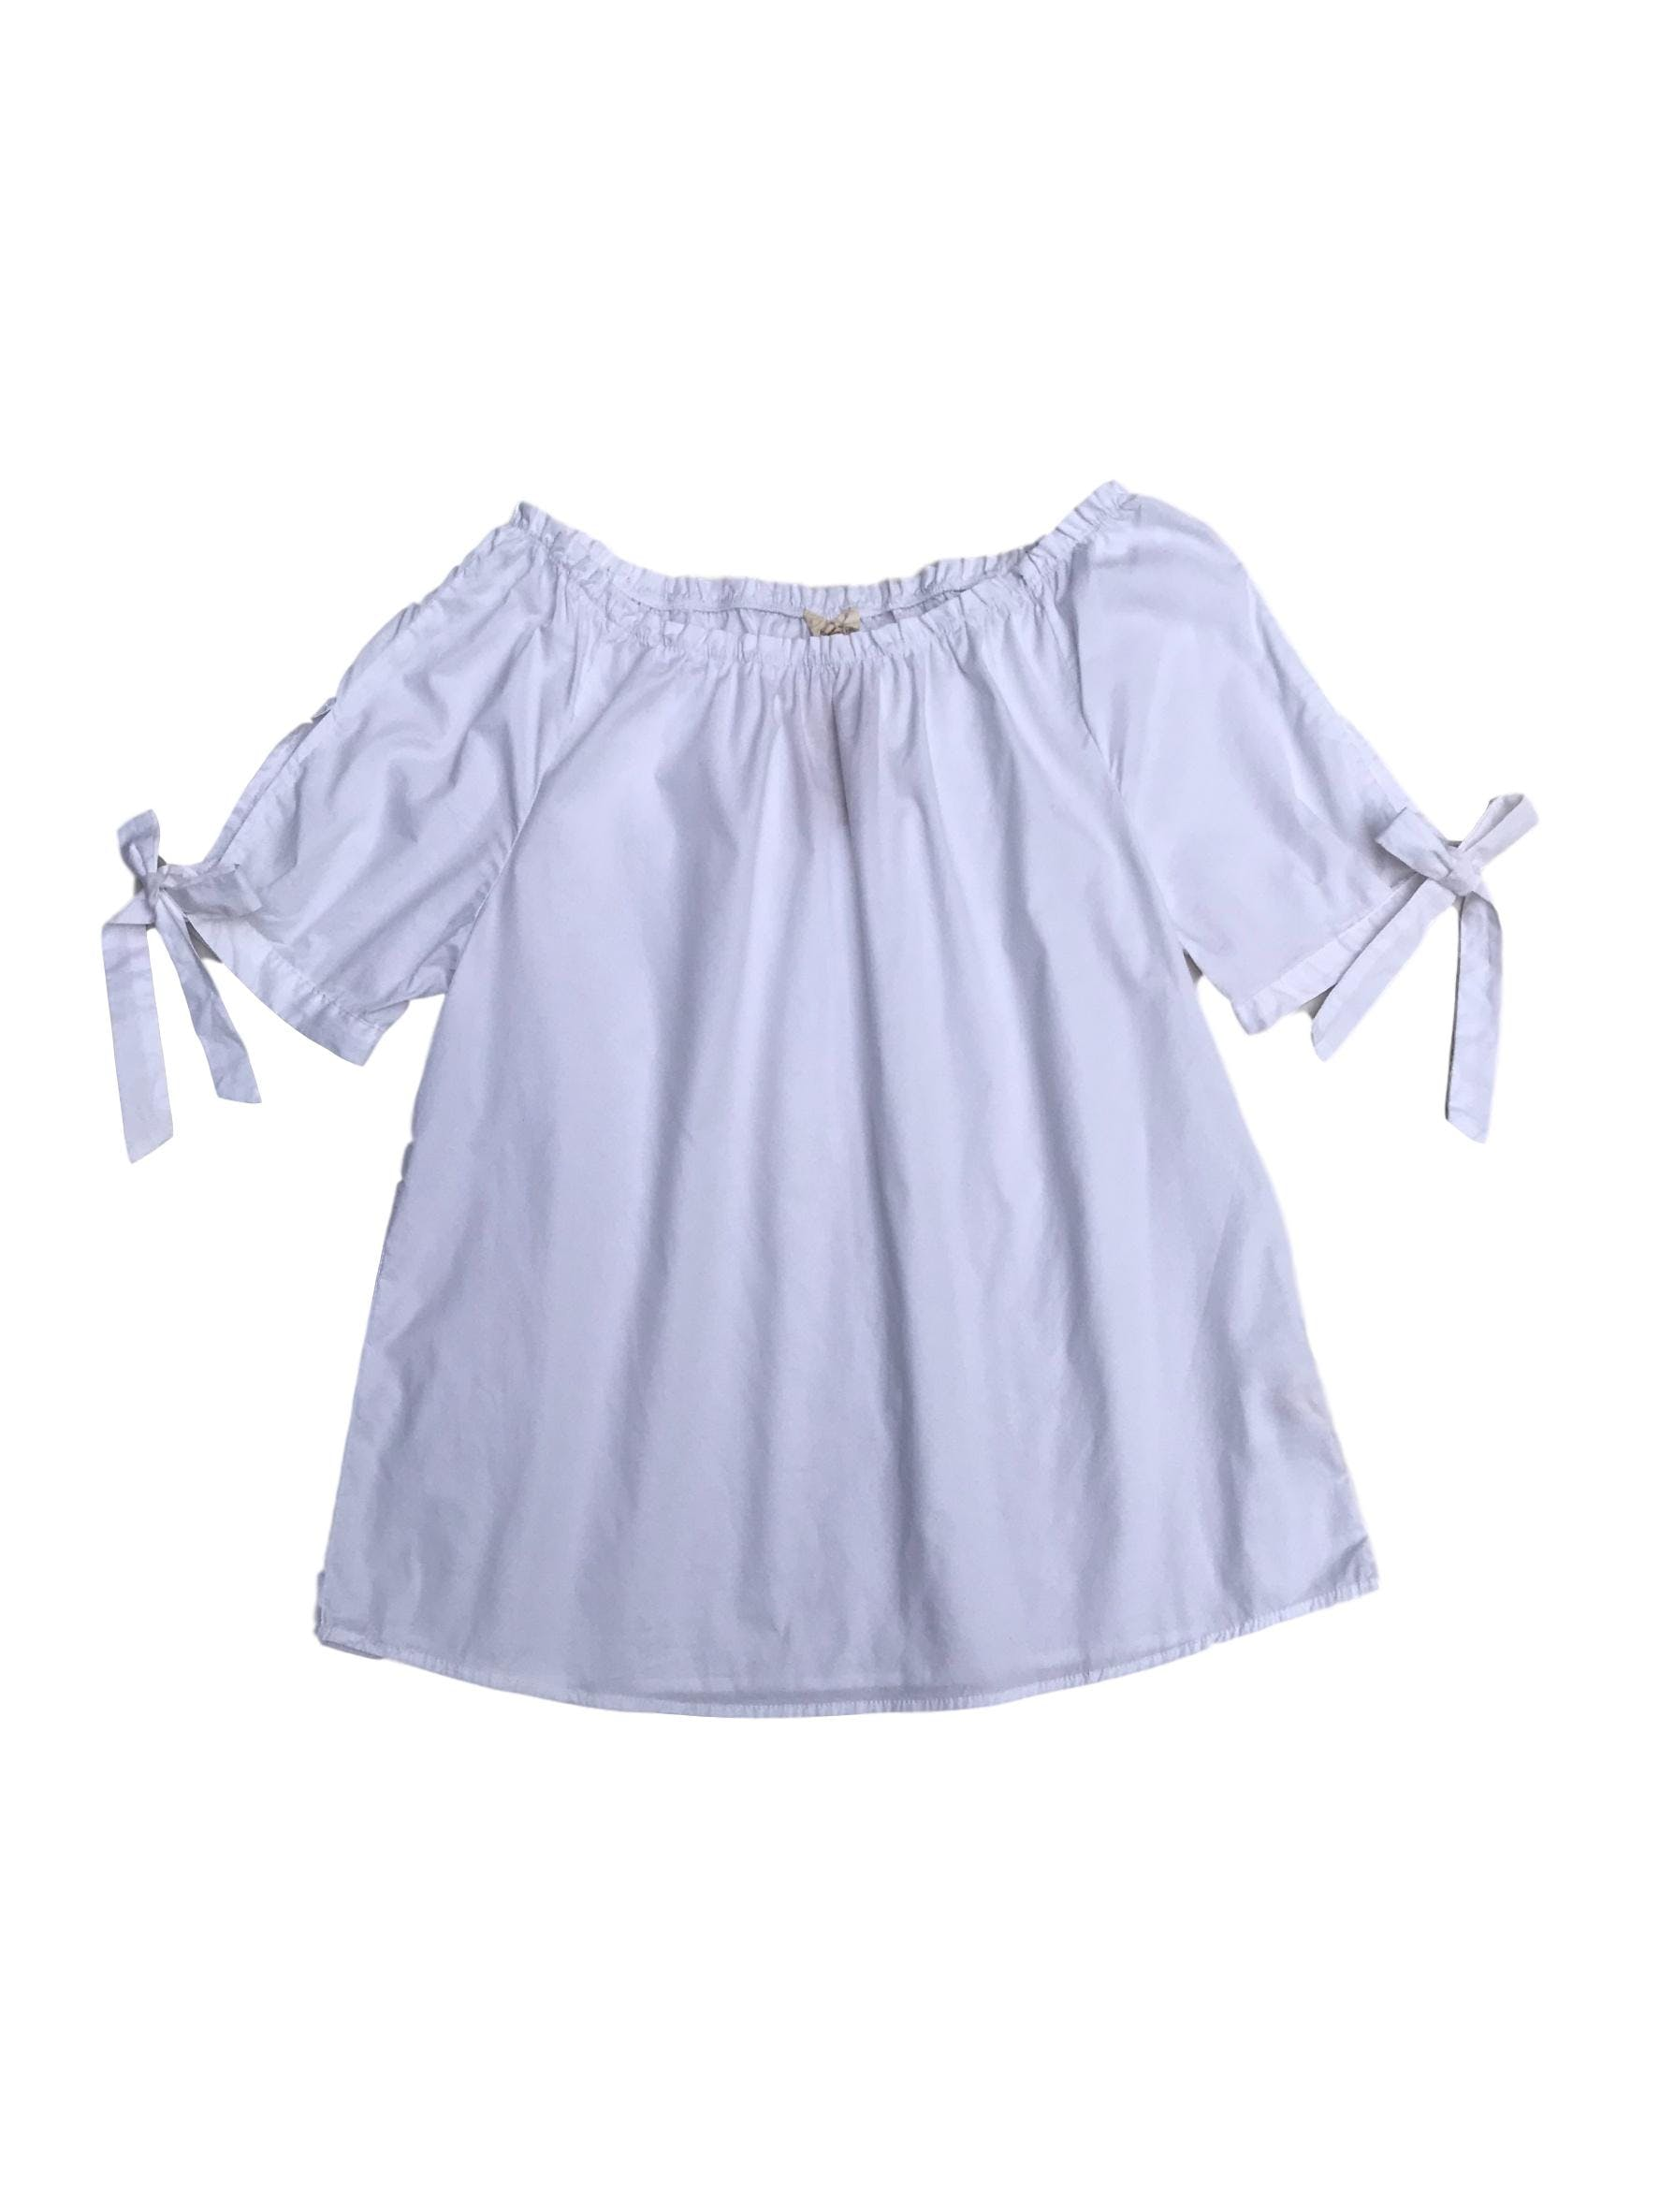 Blusa Navigata off shoulder blanca 98% algodón, con lazo en las mangas